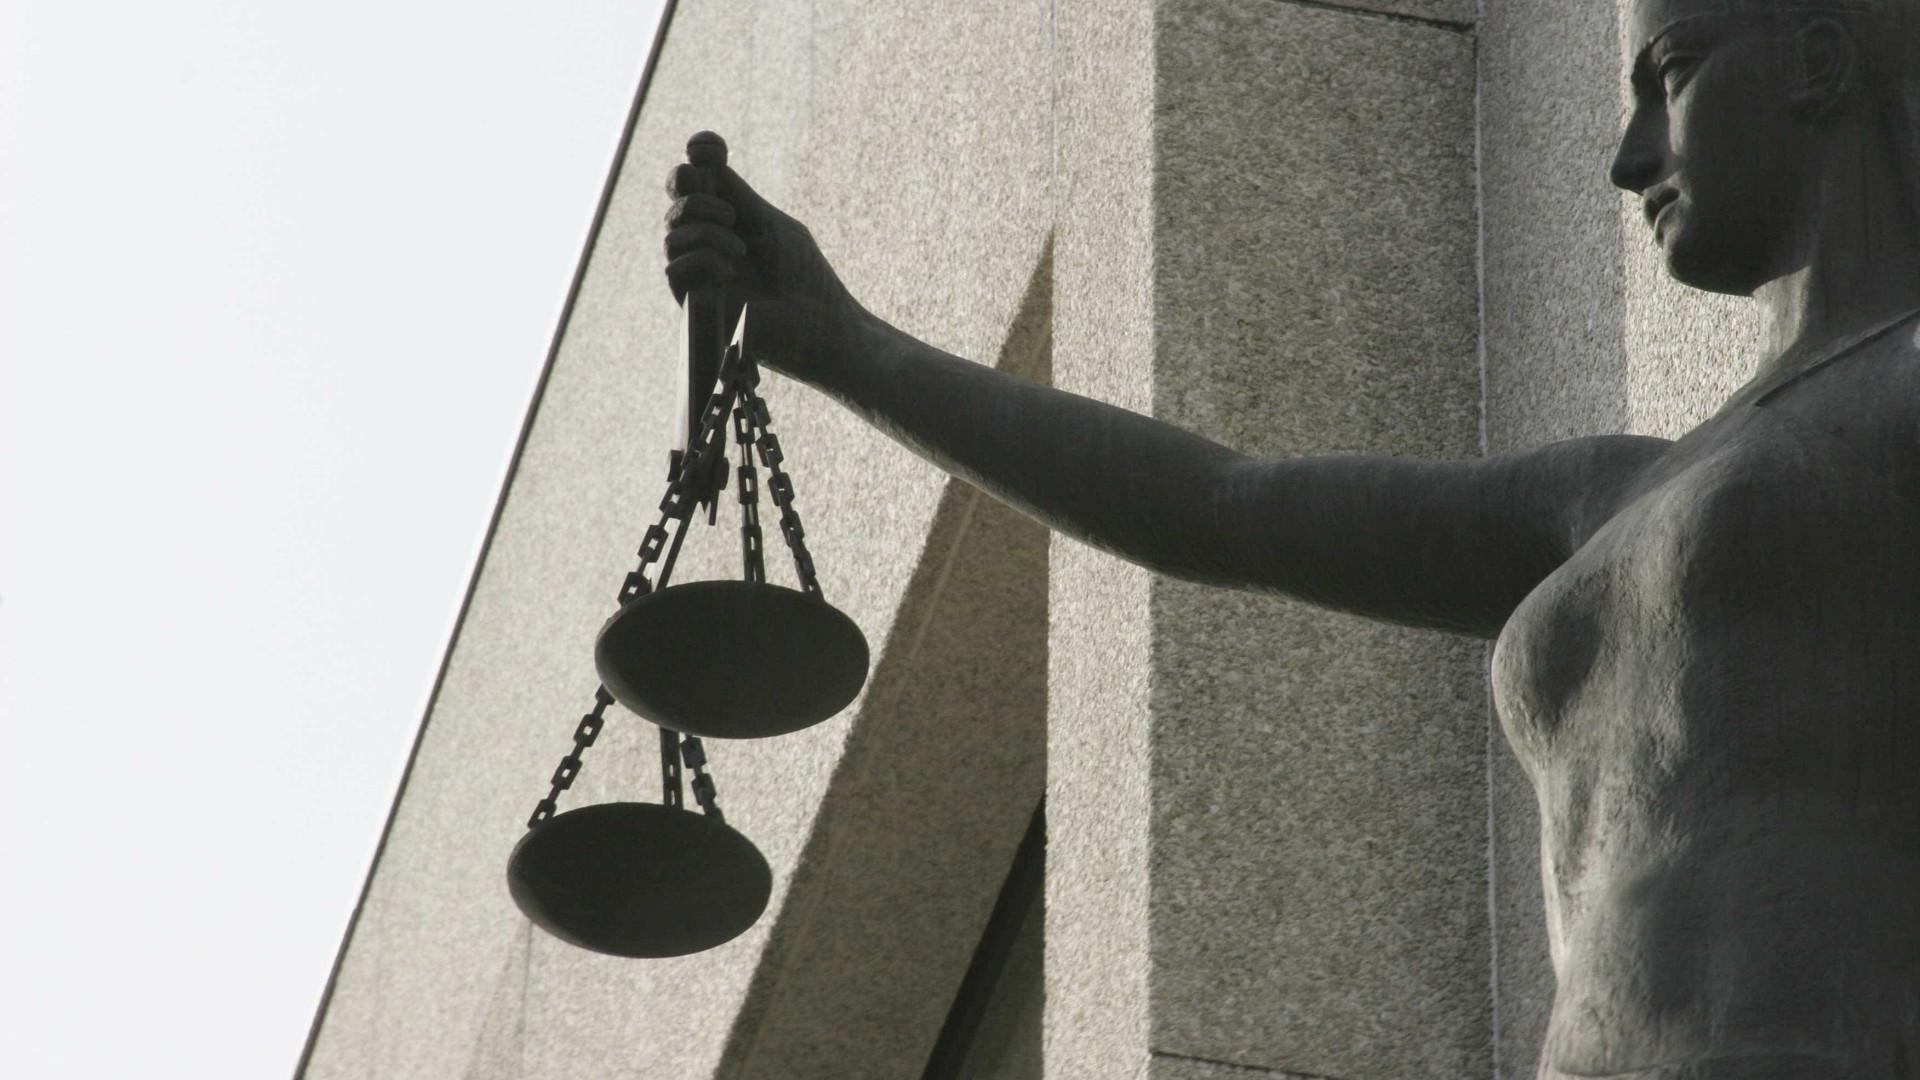 Acordo gorado em julgamento de autarca de Gaia por alegada difamação